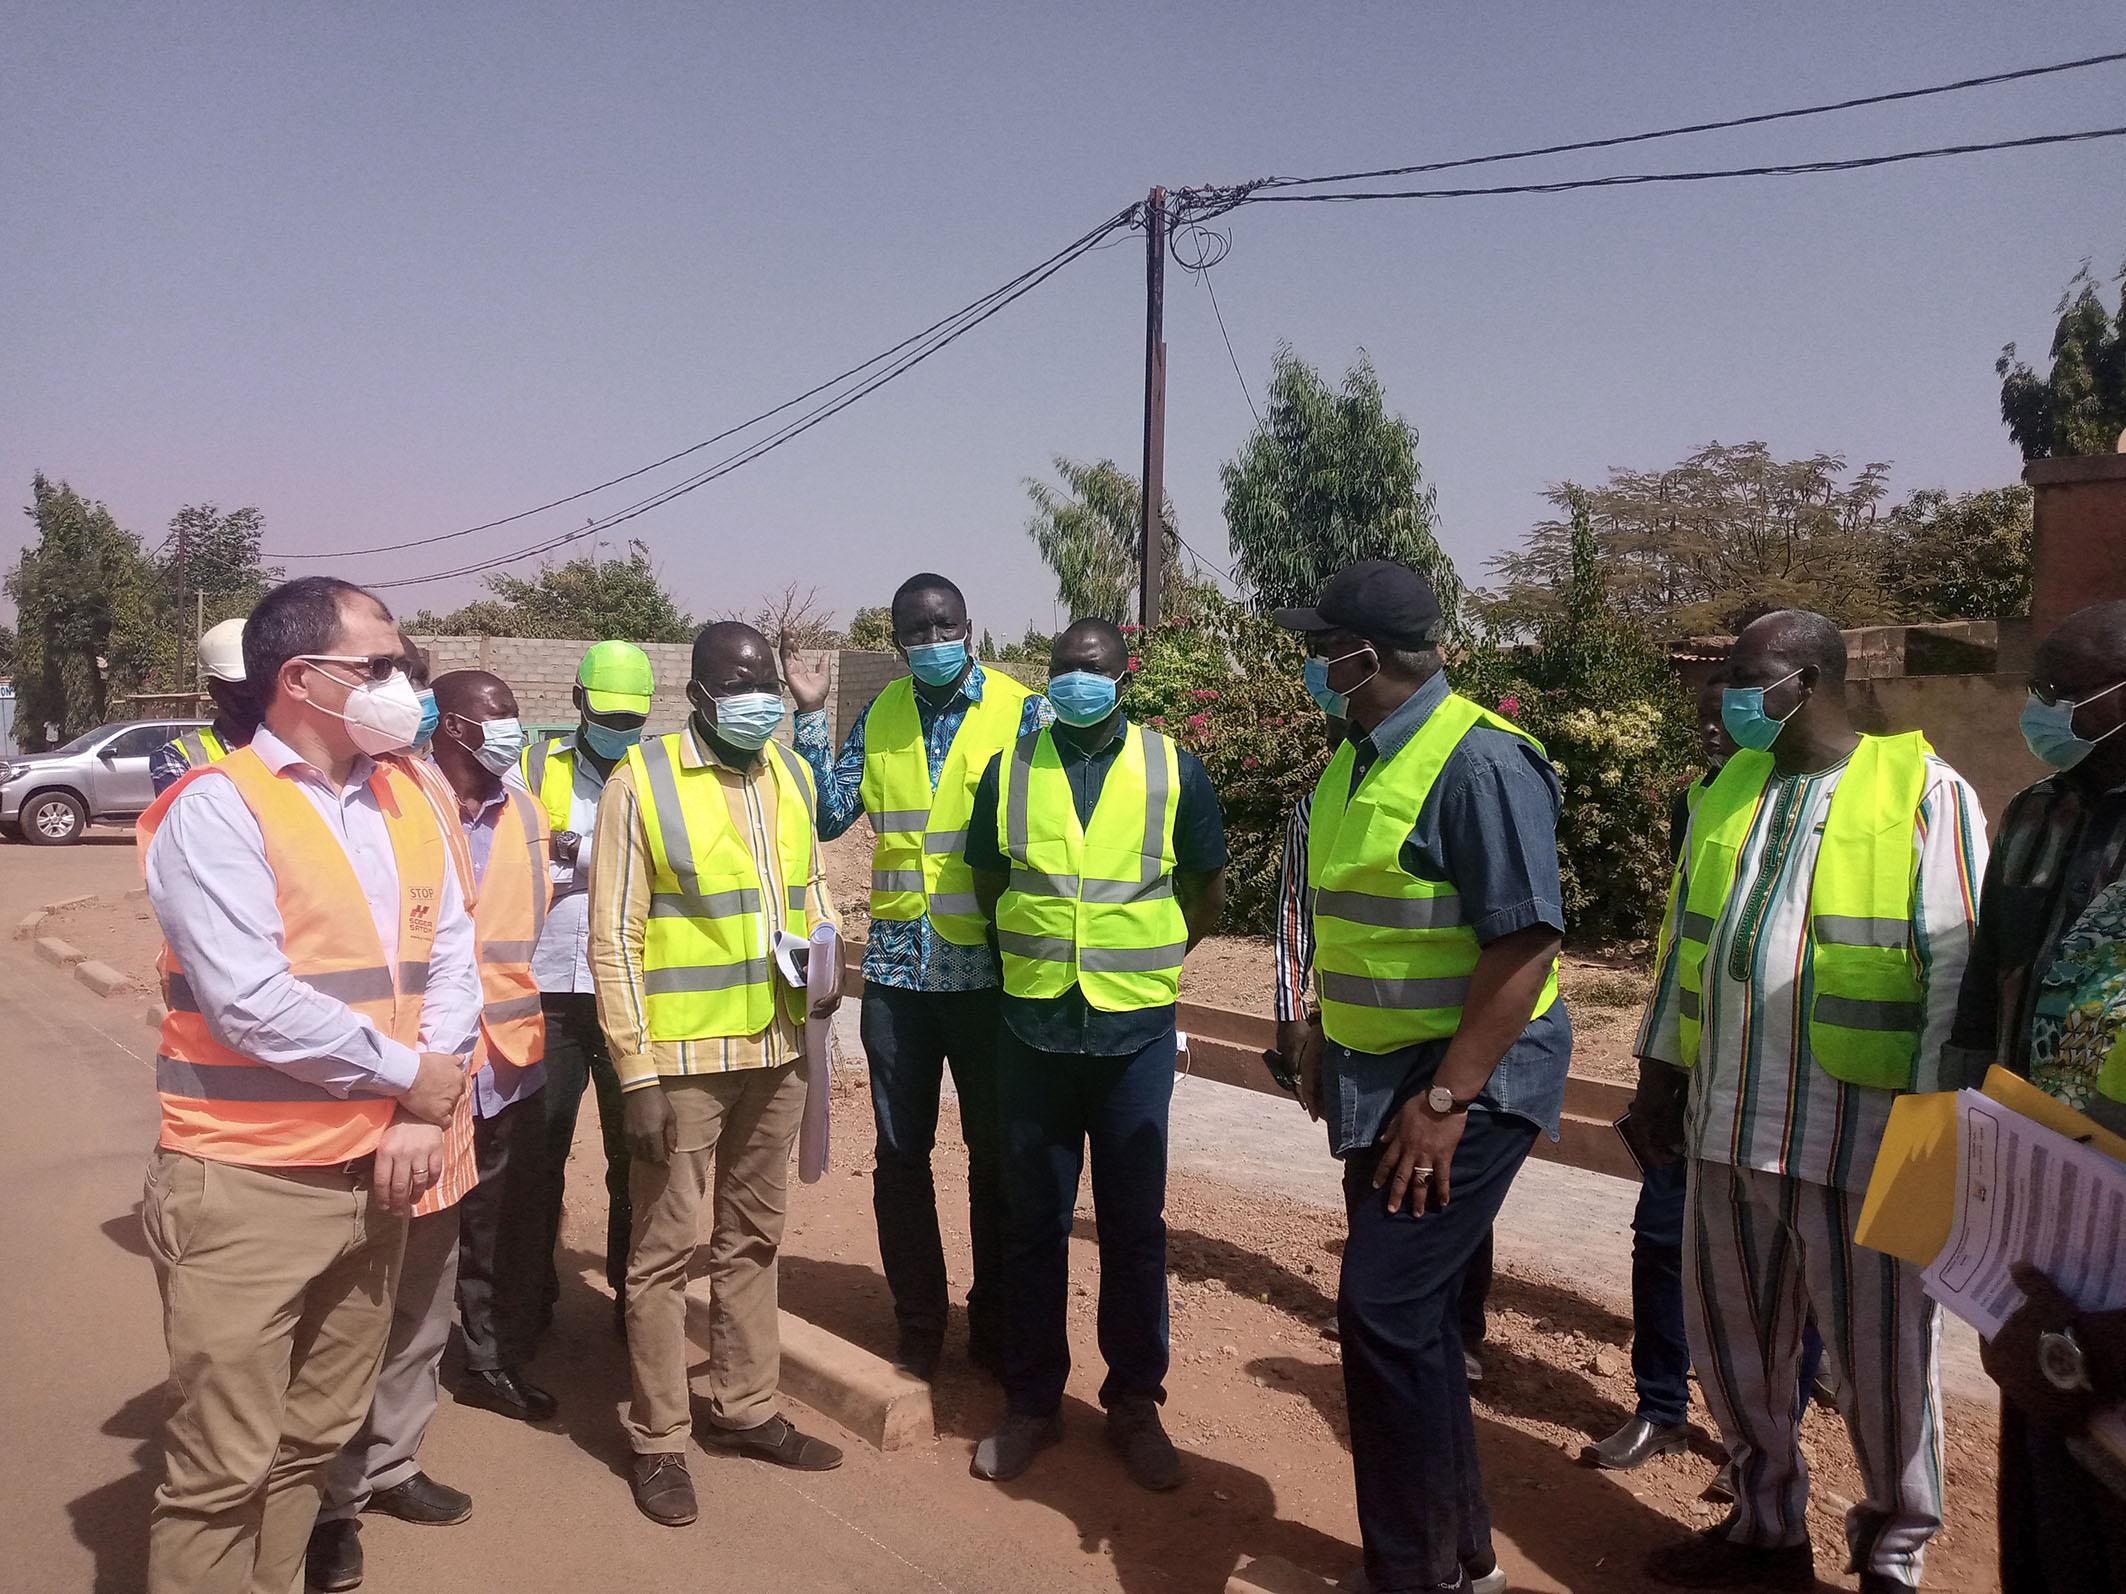 Commune de Ouagadougou: Béouindé sur les chantiers de la municipalité